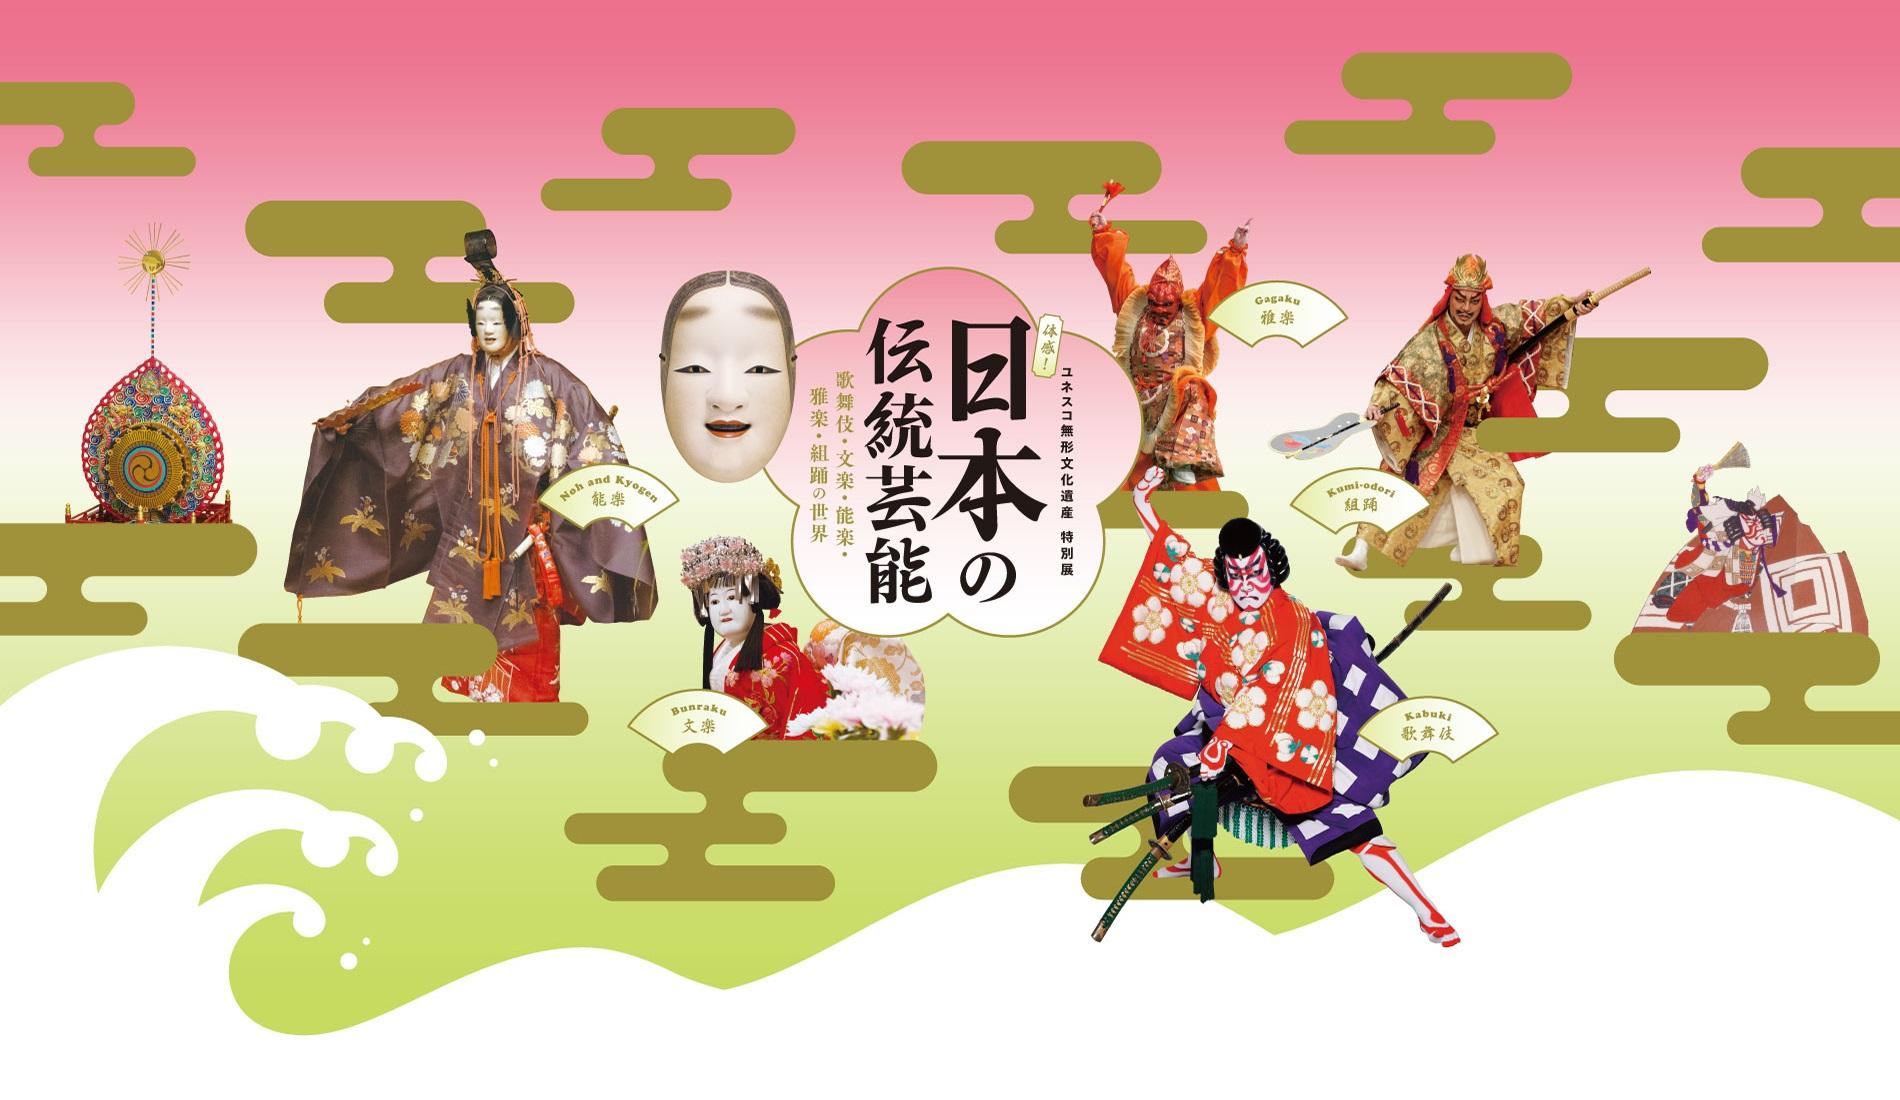 ユネスコ無形文化遺産 特別展「体感! 日本の伝統芸能―歌舞伎・文楽・能楽・雅楽・組踊の世界―」